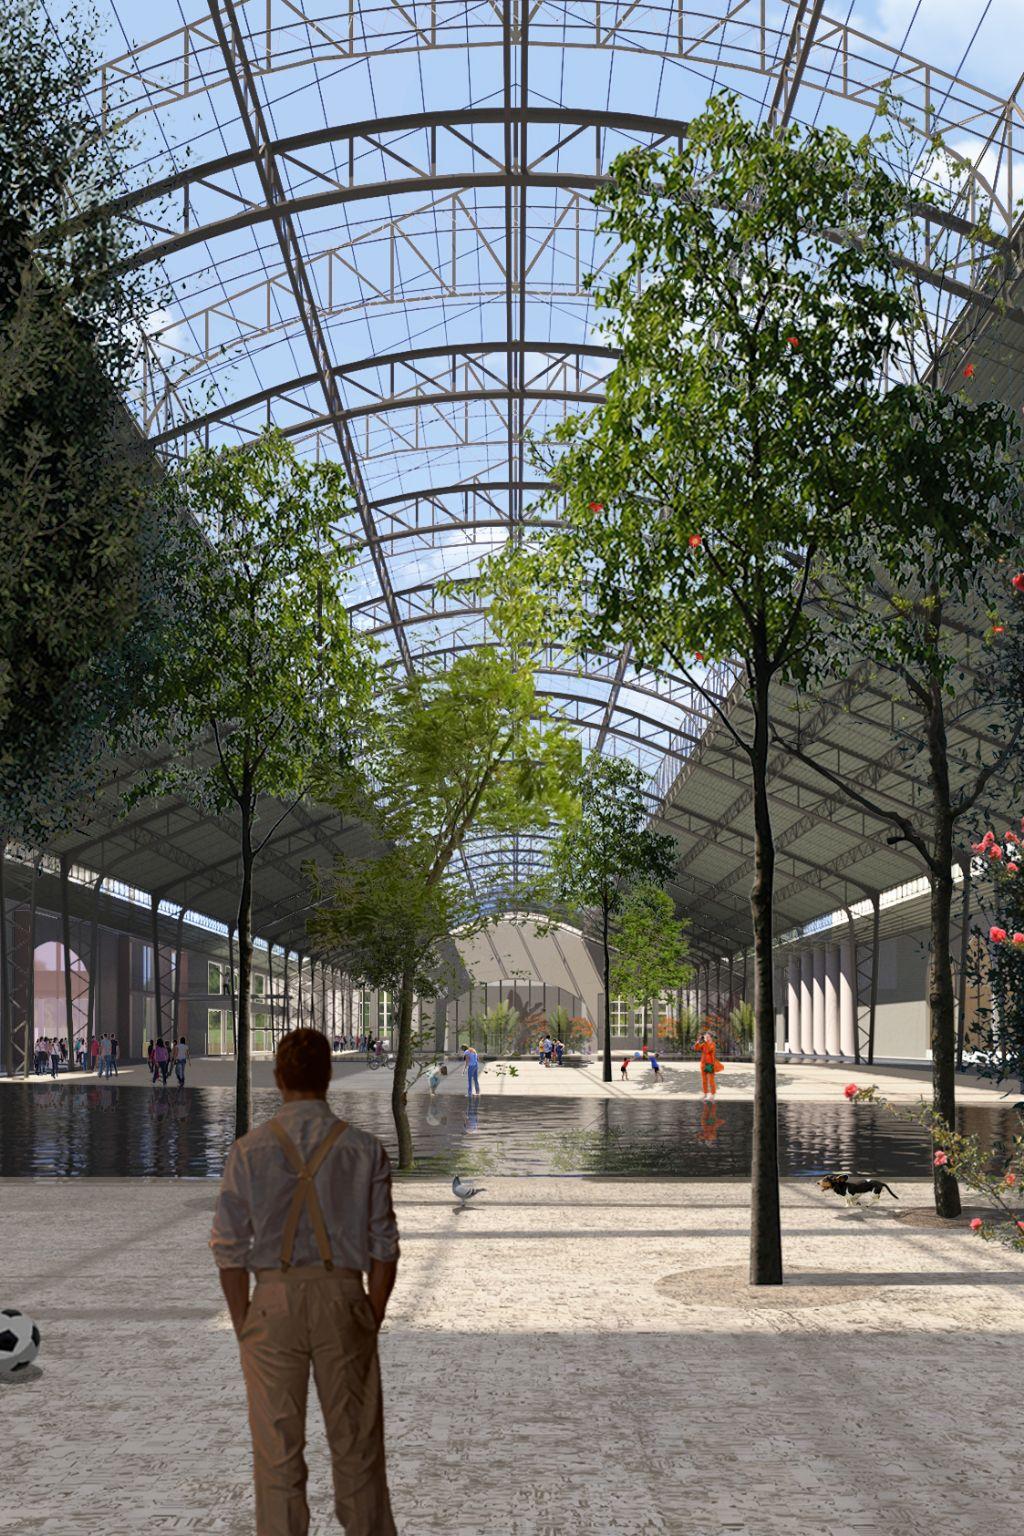 Een mogelijk toekomstbeeld voor de Floraliënhal